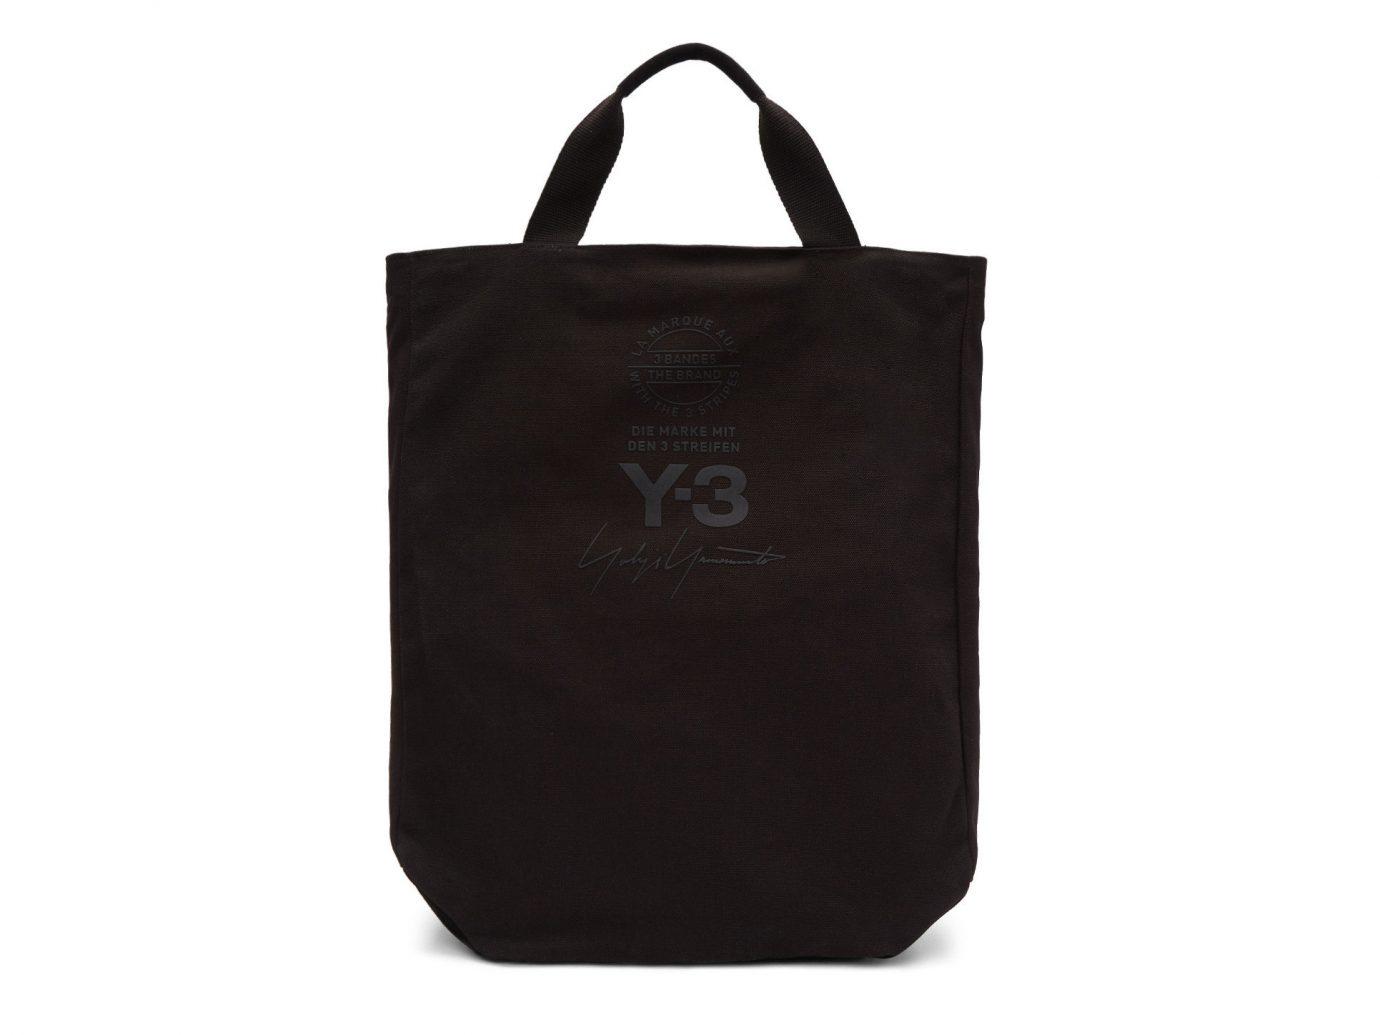 Style + Design Travel Shop accessory handbag black bag case product tote bag shoulder bag product design brand luggage & bags